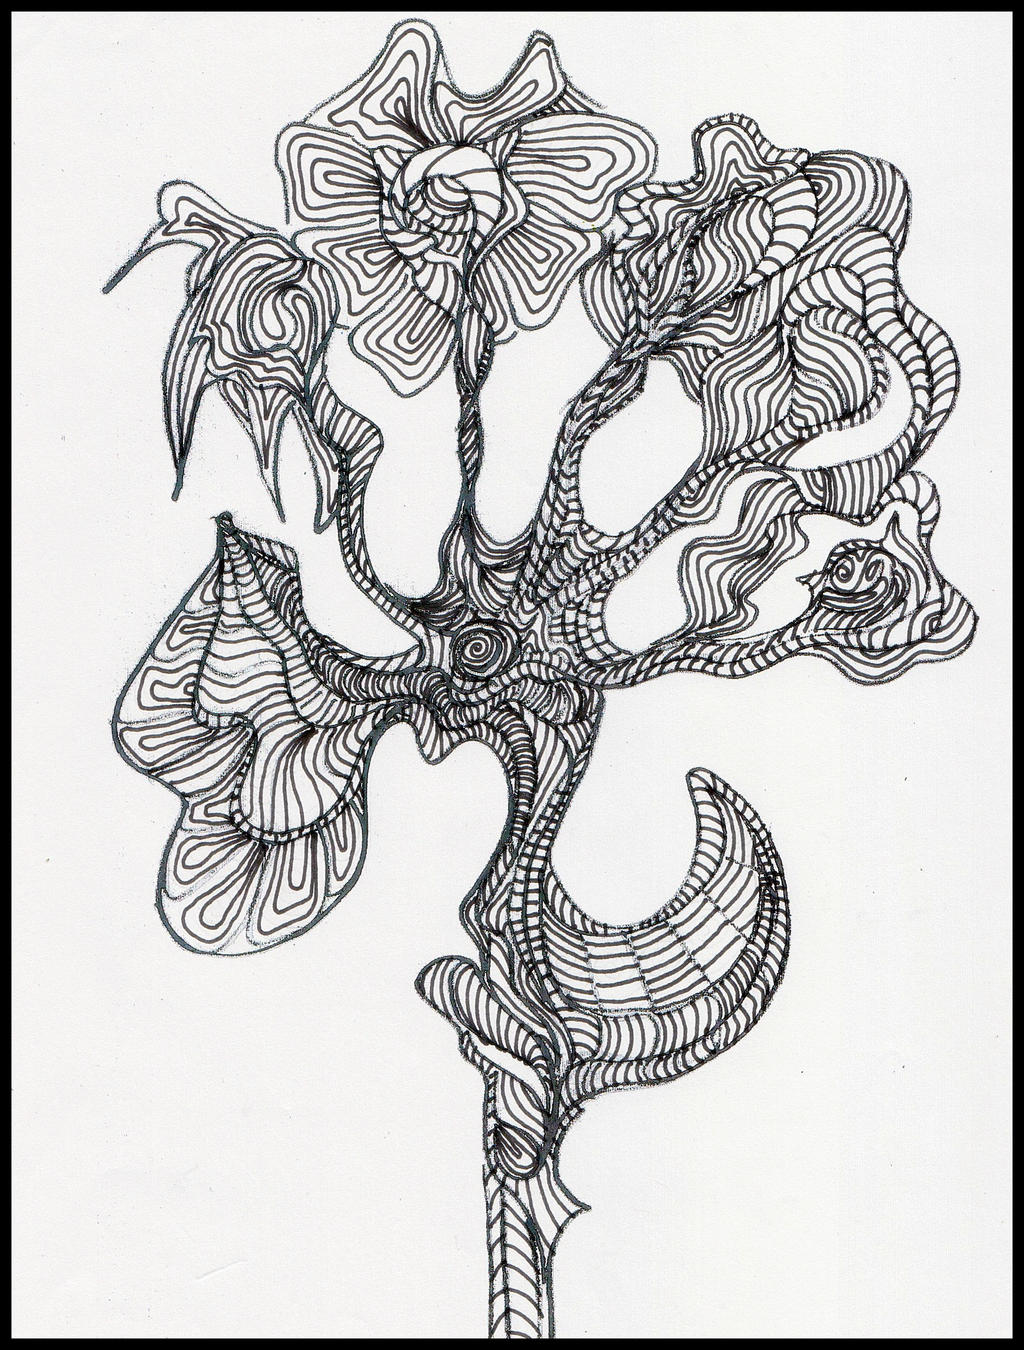 Hybrid var. theSpiralmeister x MadGardens by MadGardens